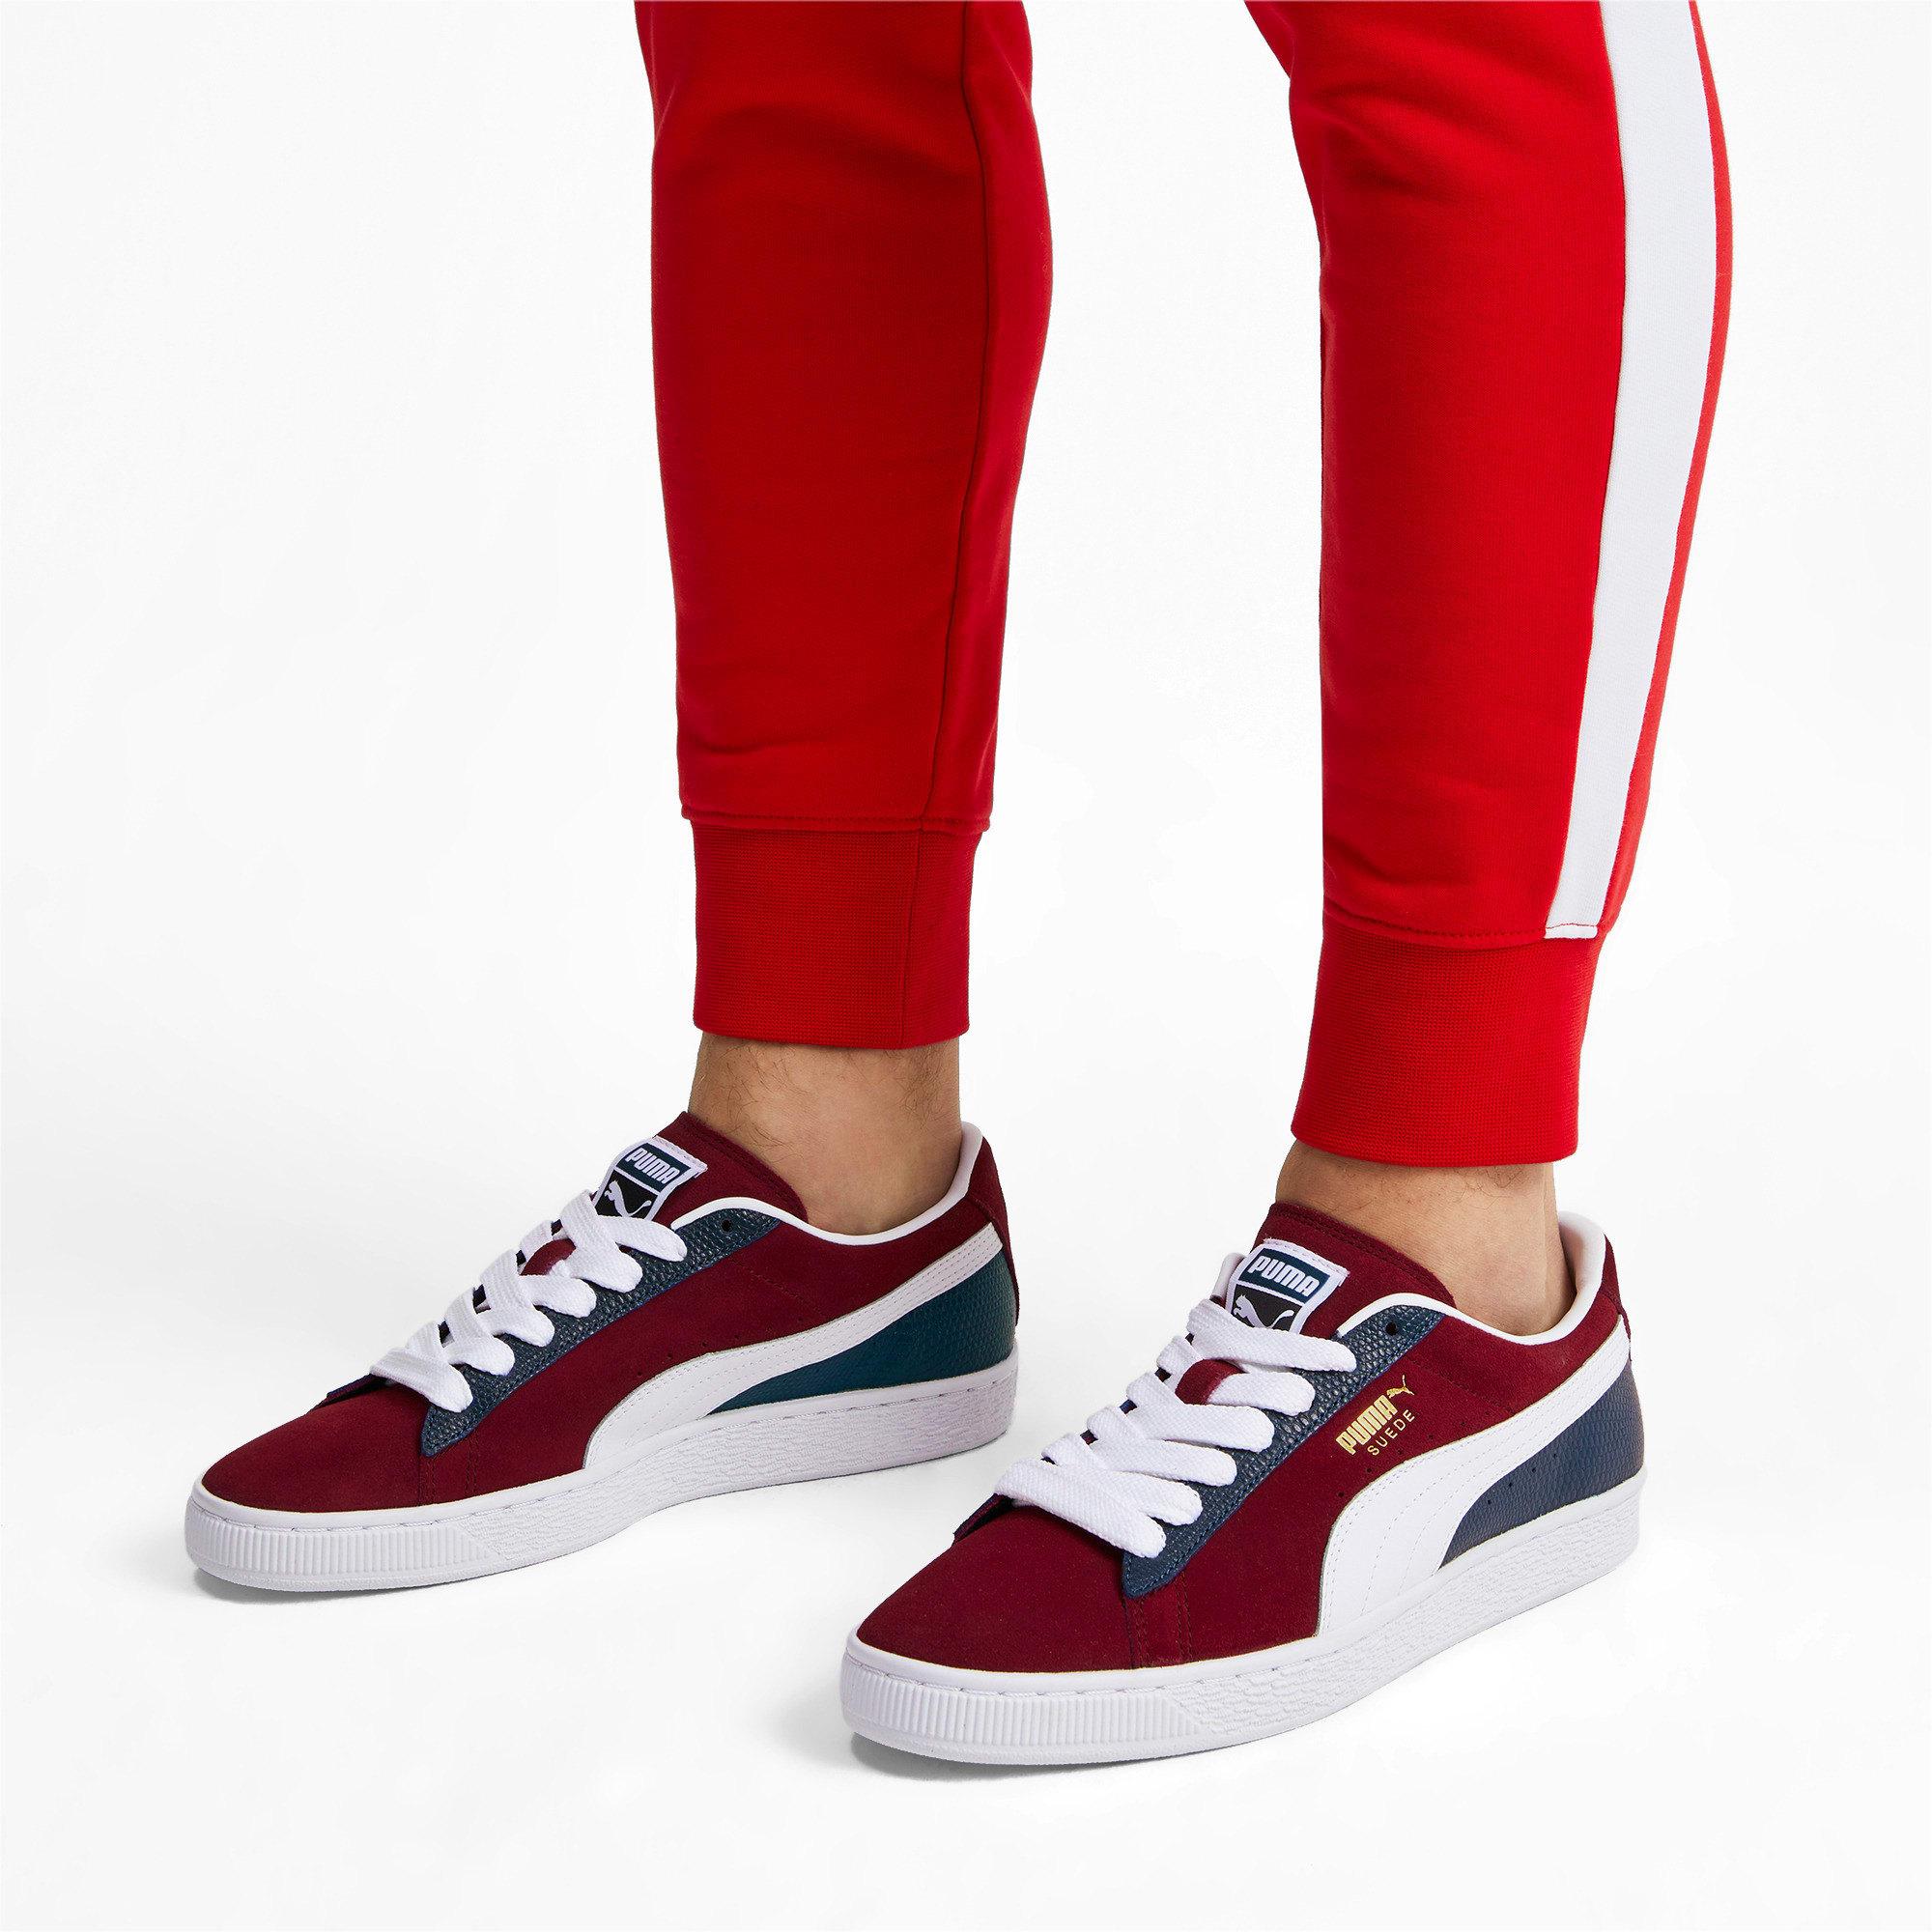 Miniatura 3 de Zapatos deportivos Suede Classic Block, Rhubarb-Azul-Blanco, mediano